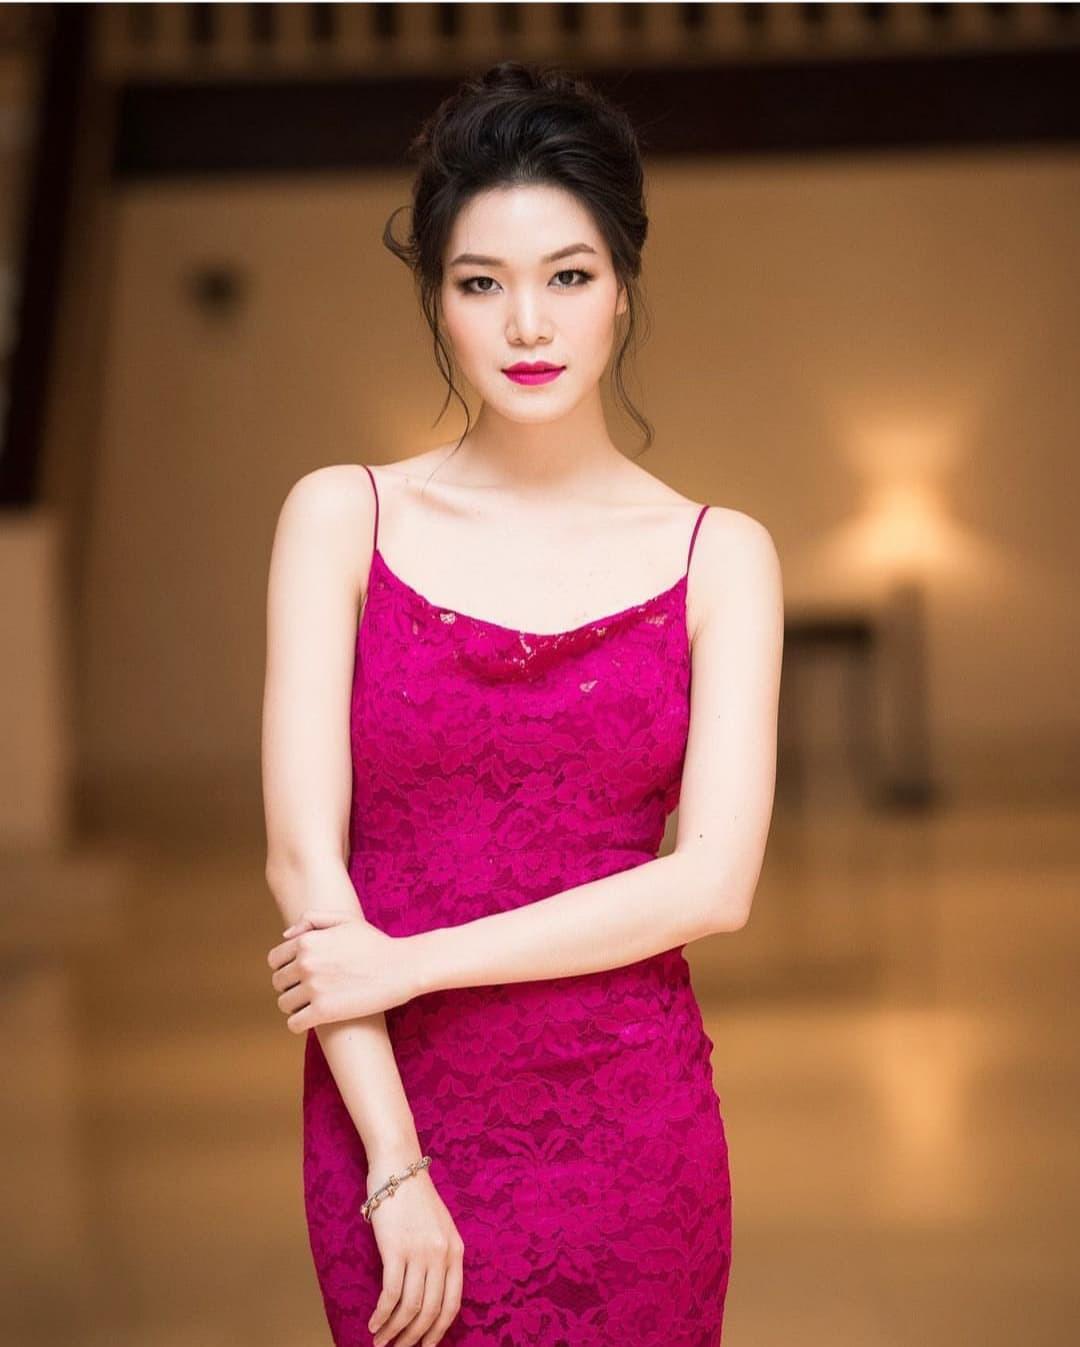 Hoa hậu Việt Nam 2008 Trần Thị Thùy Dung: Từ scandal Hoa hậu học dốt đến ồn ào bị vợ cũ đại gia dằn mặt và hạnh phúc giấu kín ở tuổi 30 - Ảnh 9.